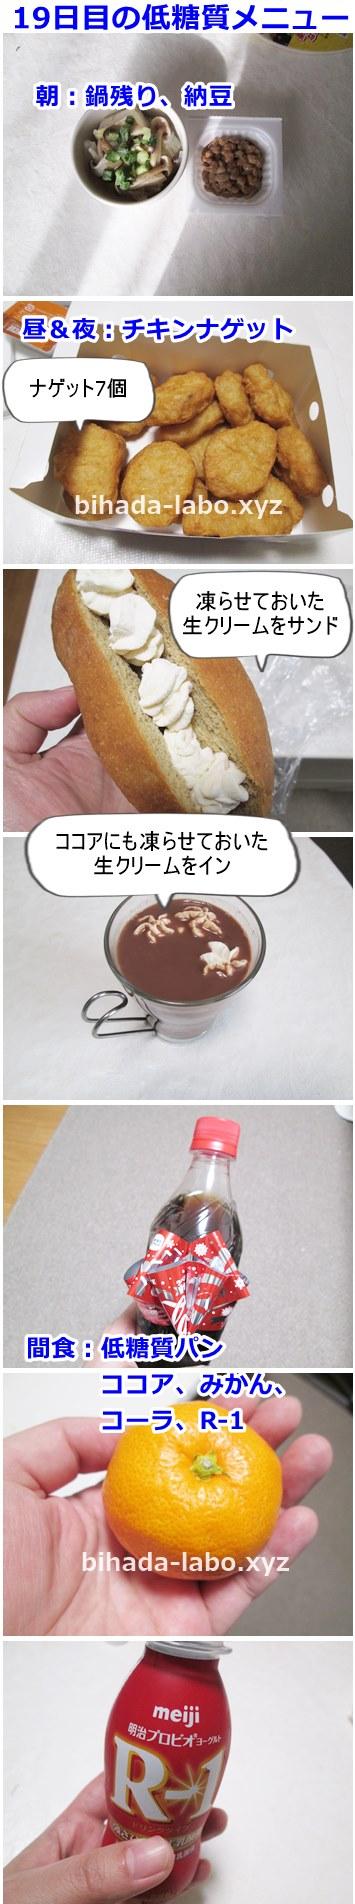 bi-food19